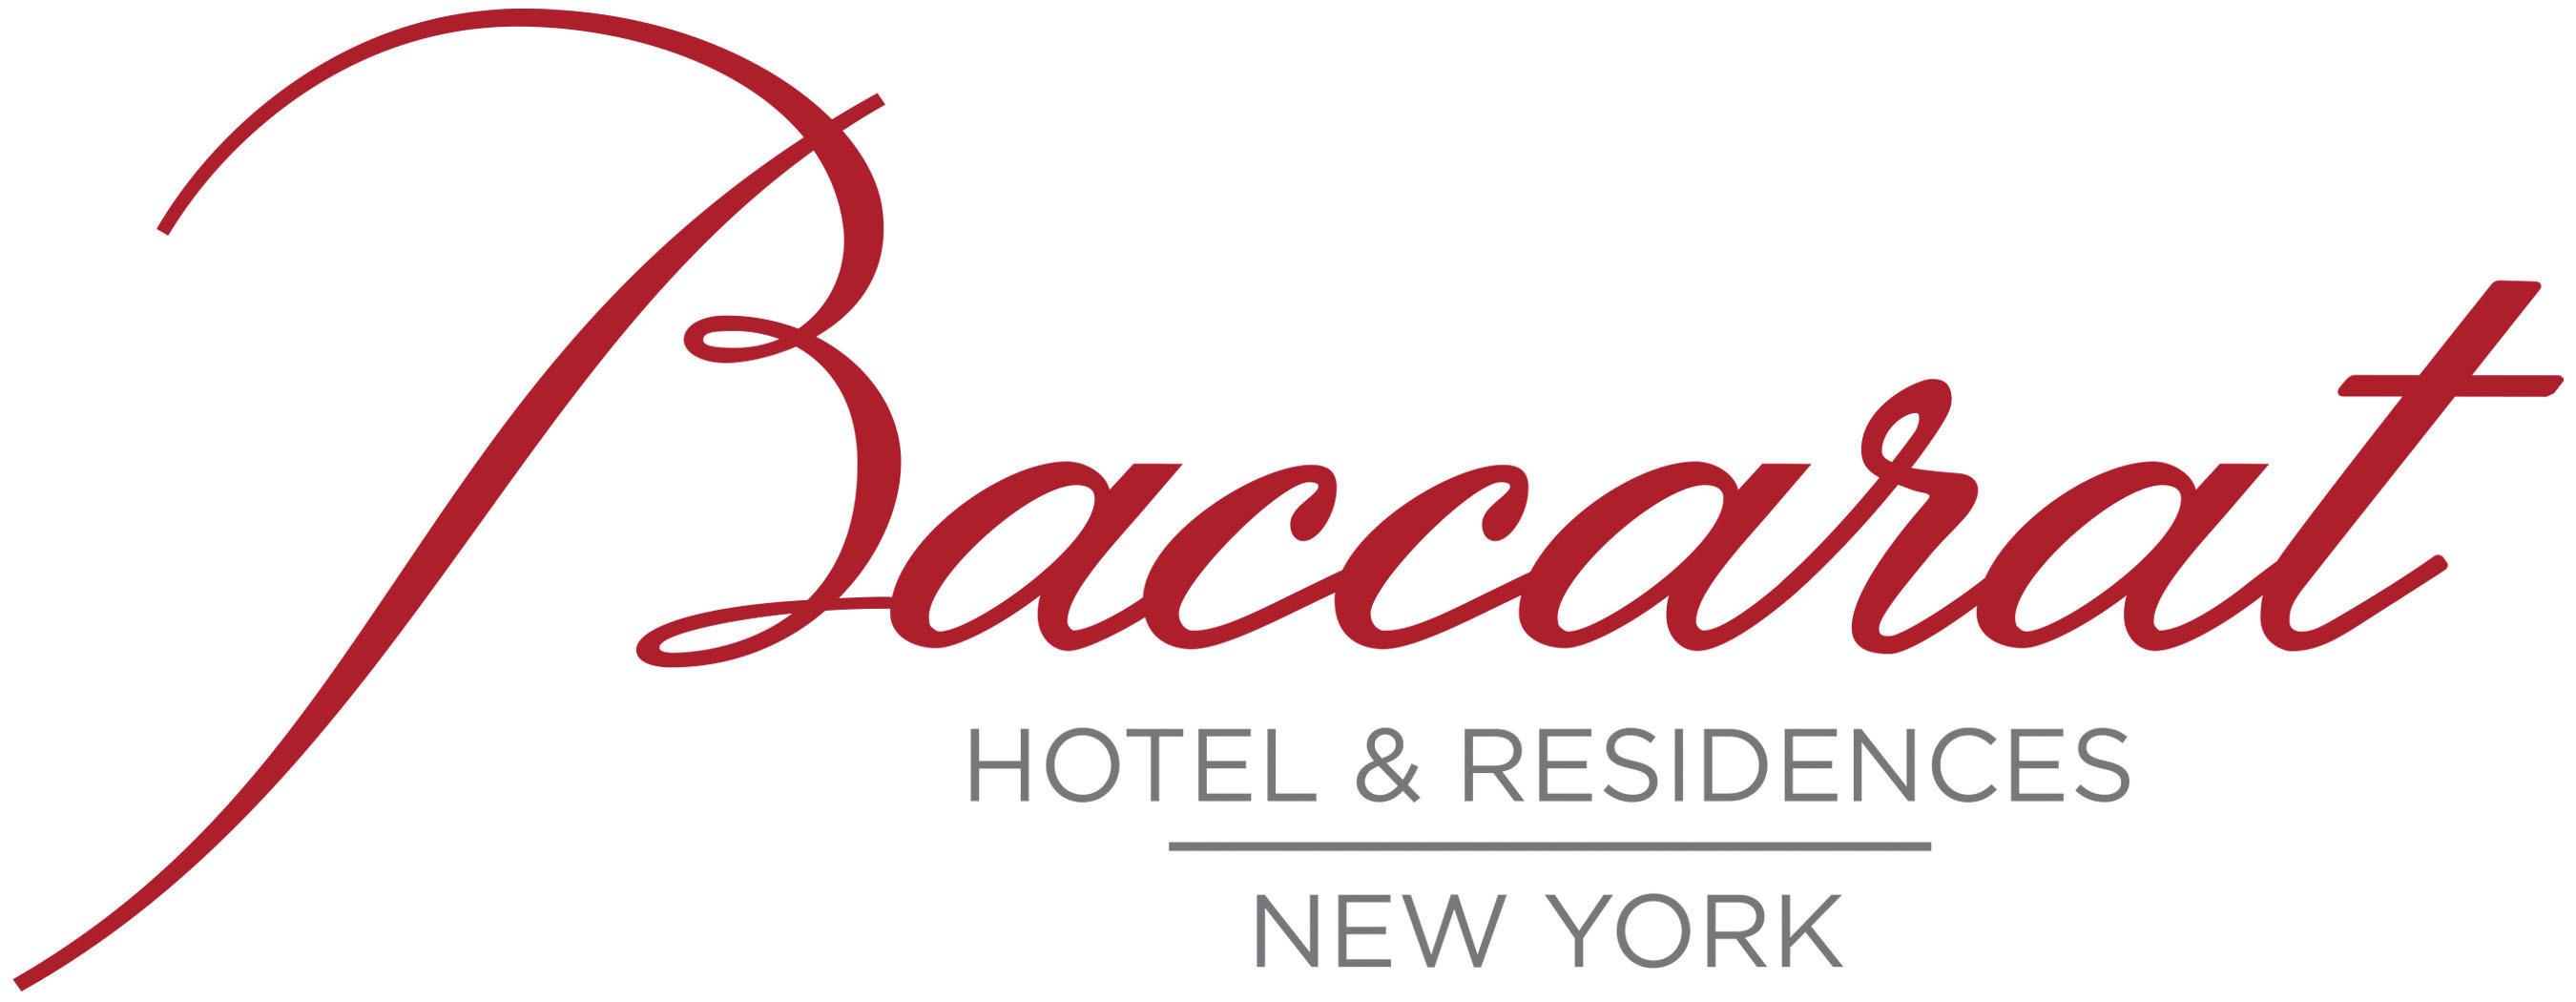 Baccarat Hotels & Resorts feiert am 18. März 2015 Debüt mit Vorzeigeanlage in Manhattan